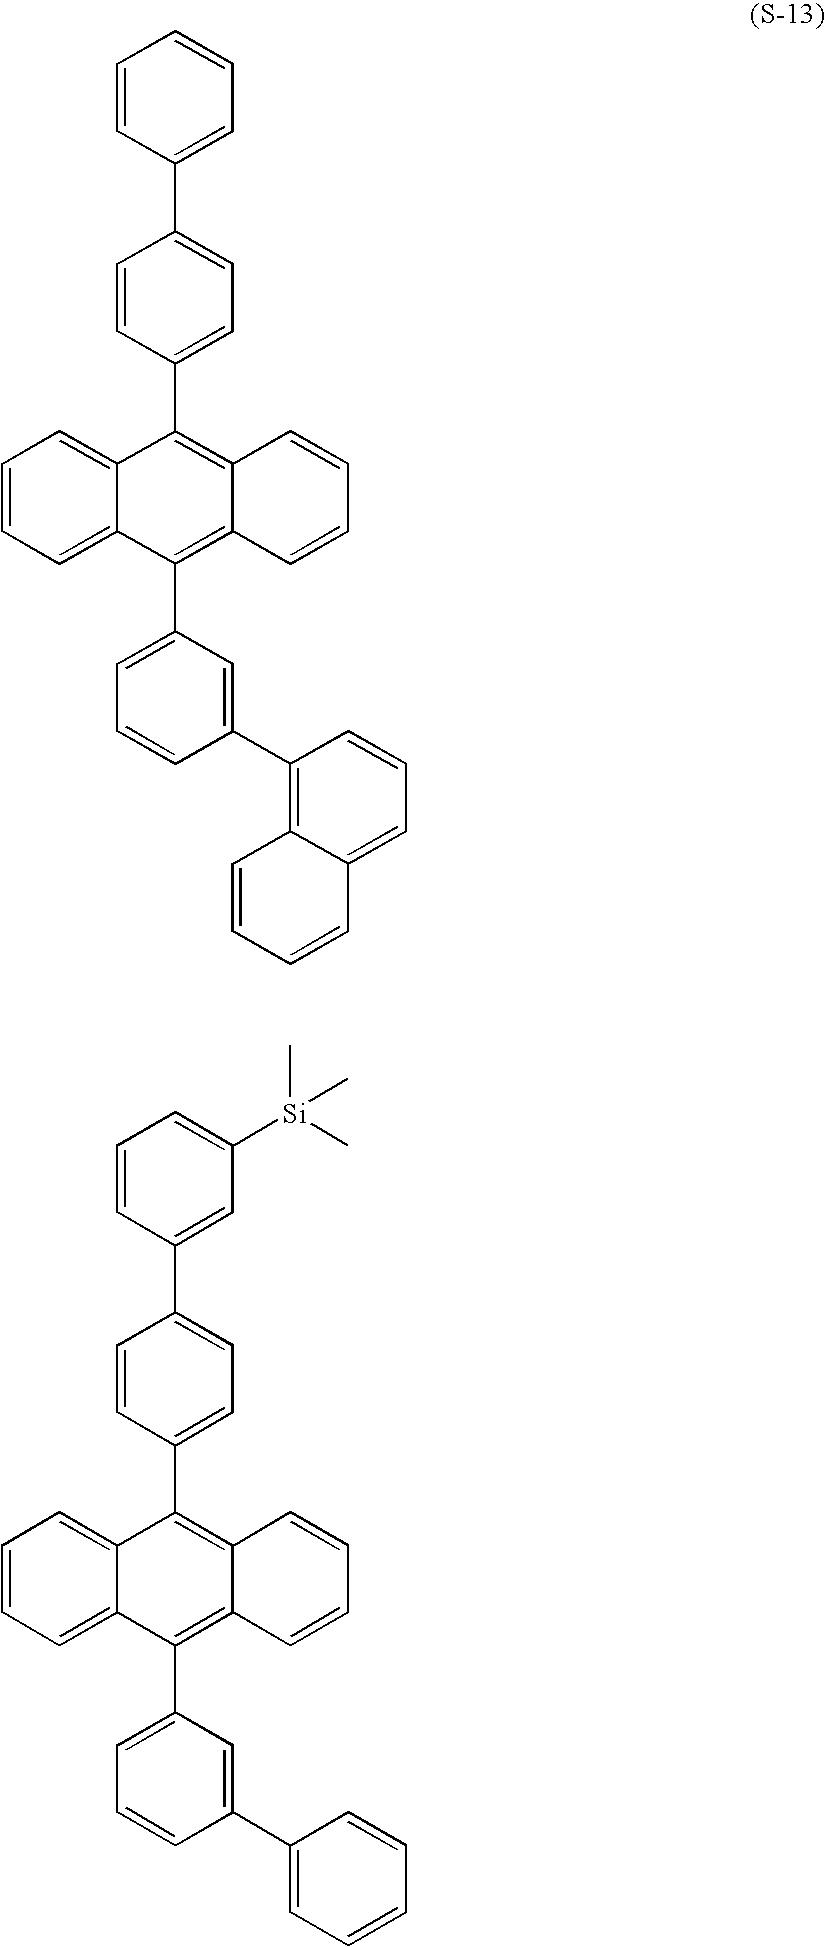 Figure US20090191427A1-20090730-C00070